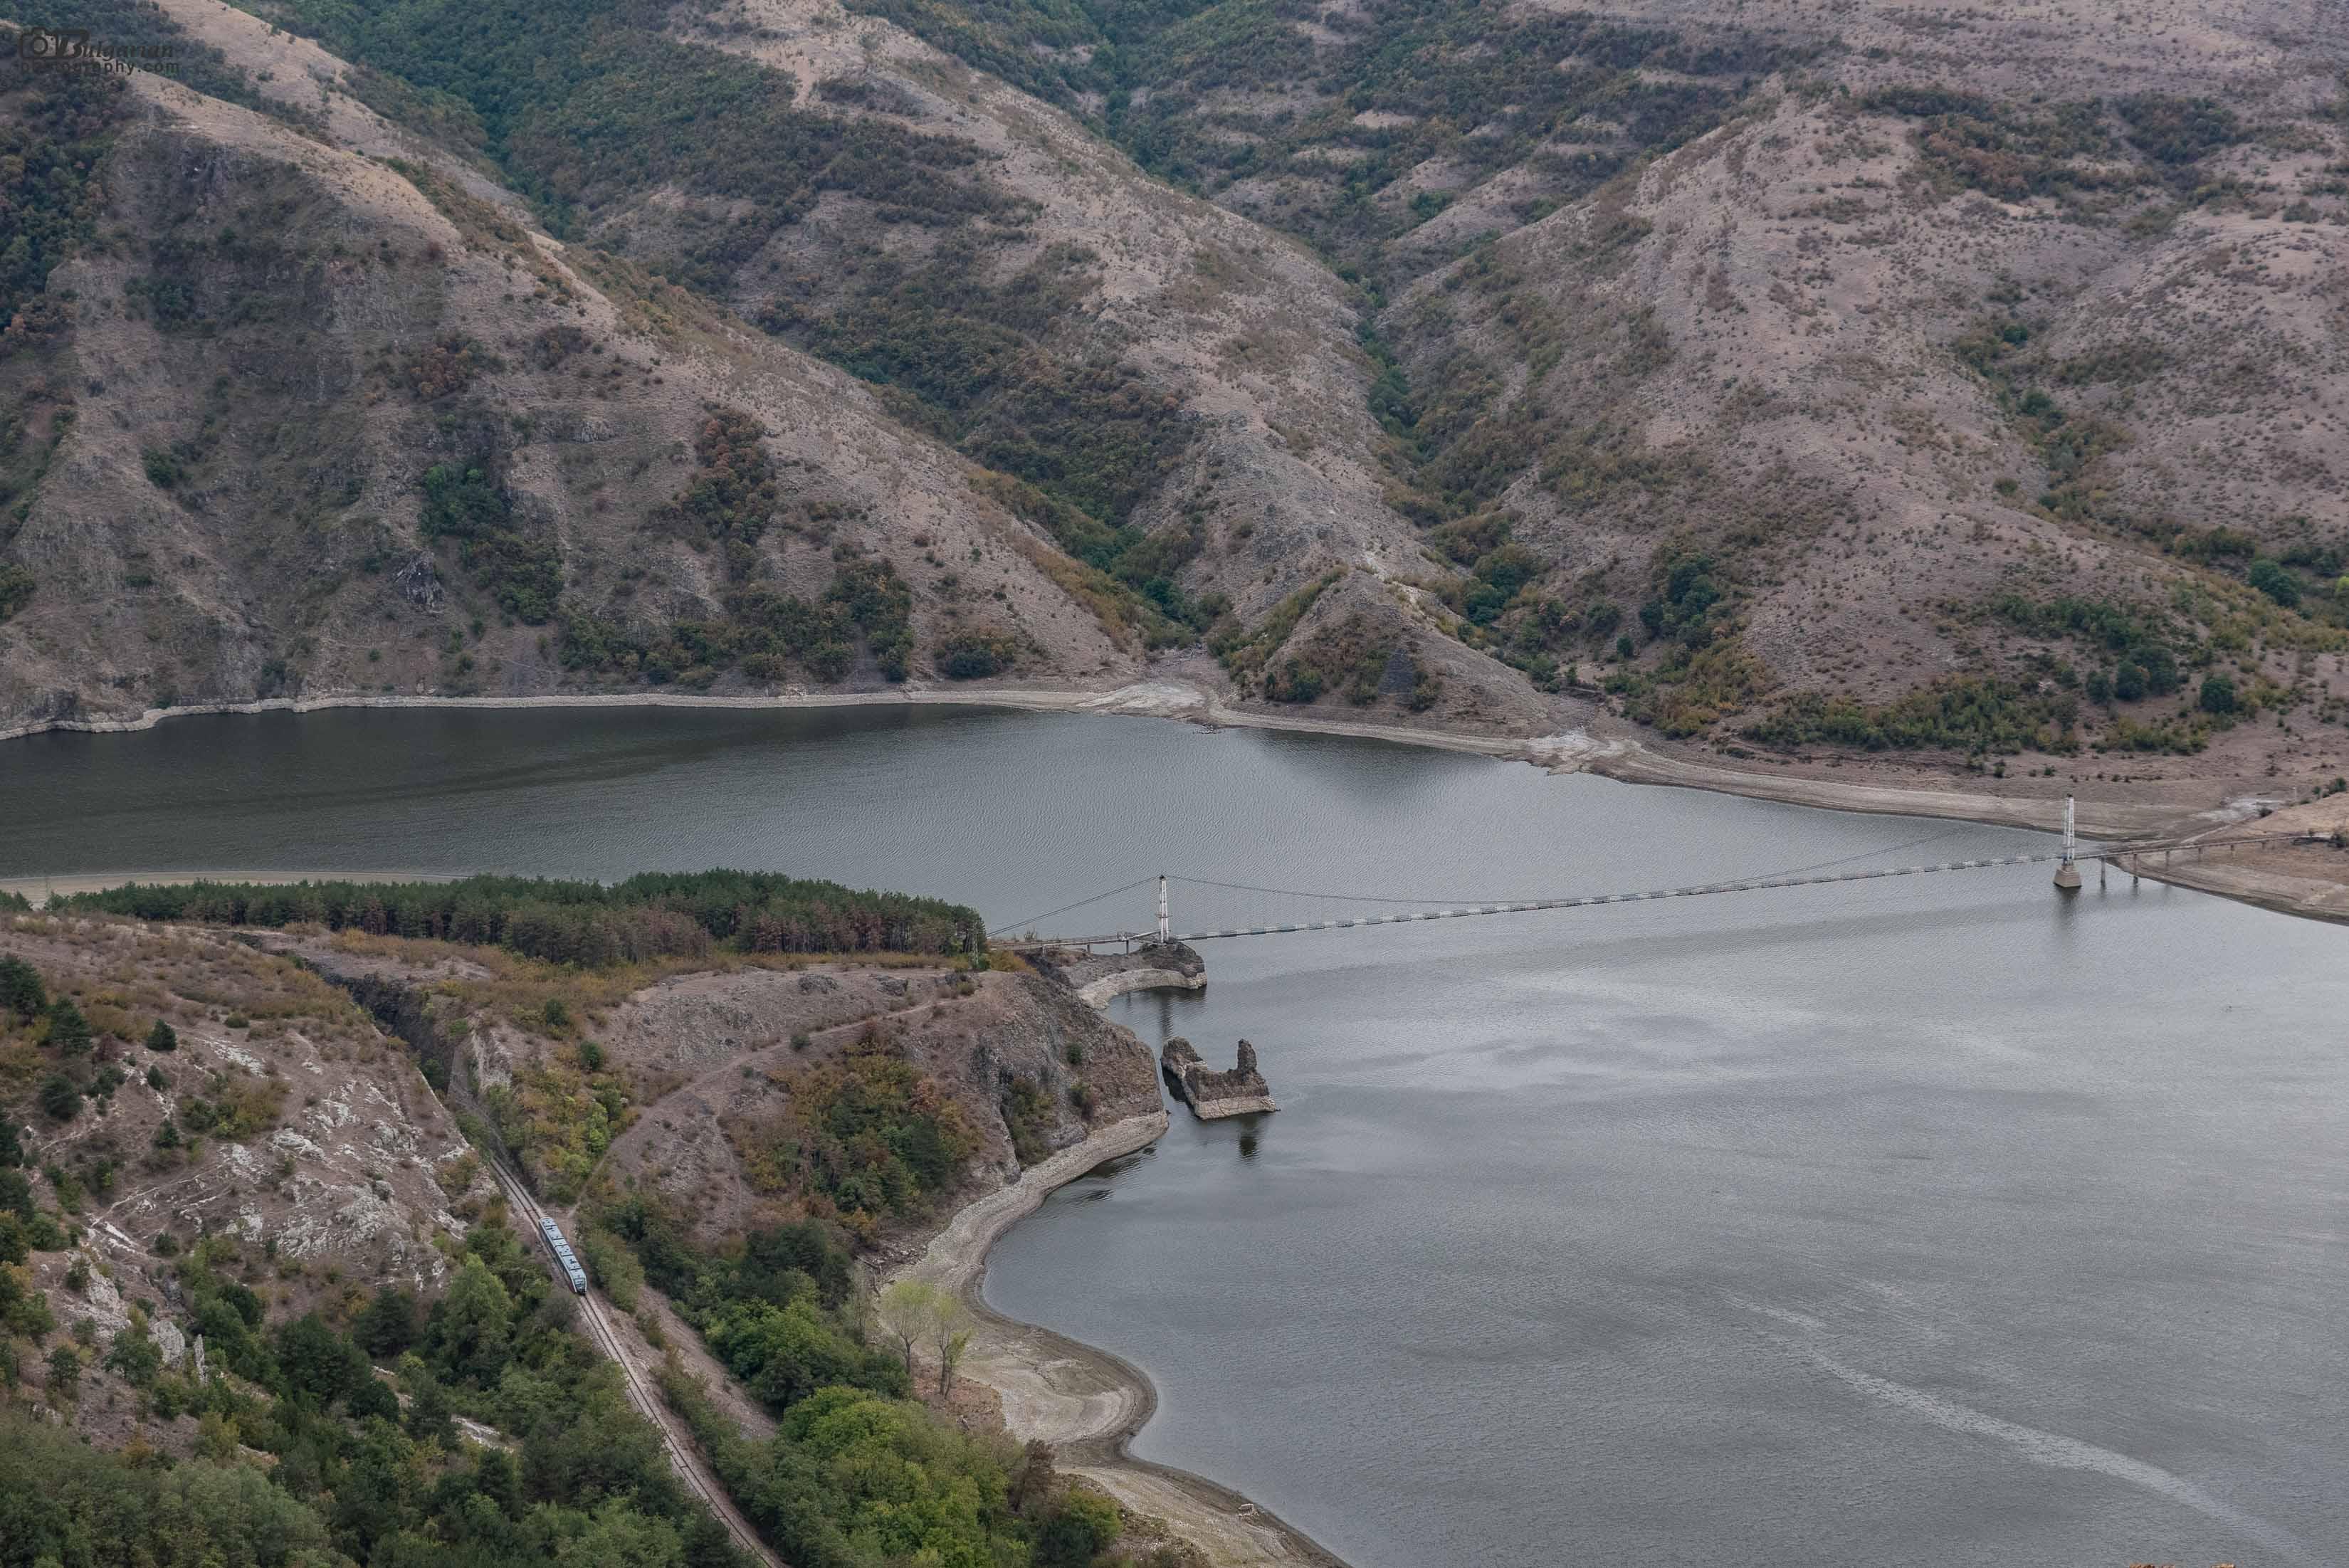 Отново най-дългият въжен мост в България. Този път минава и влак